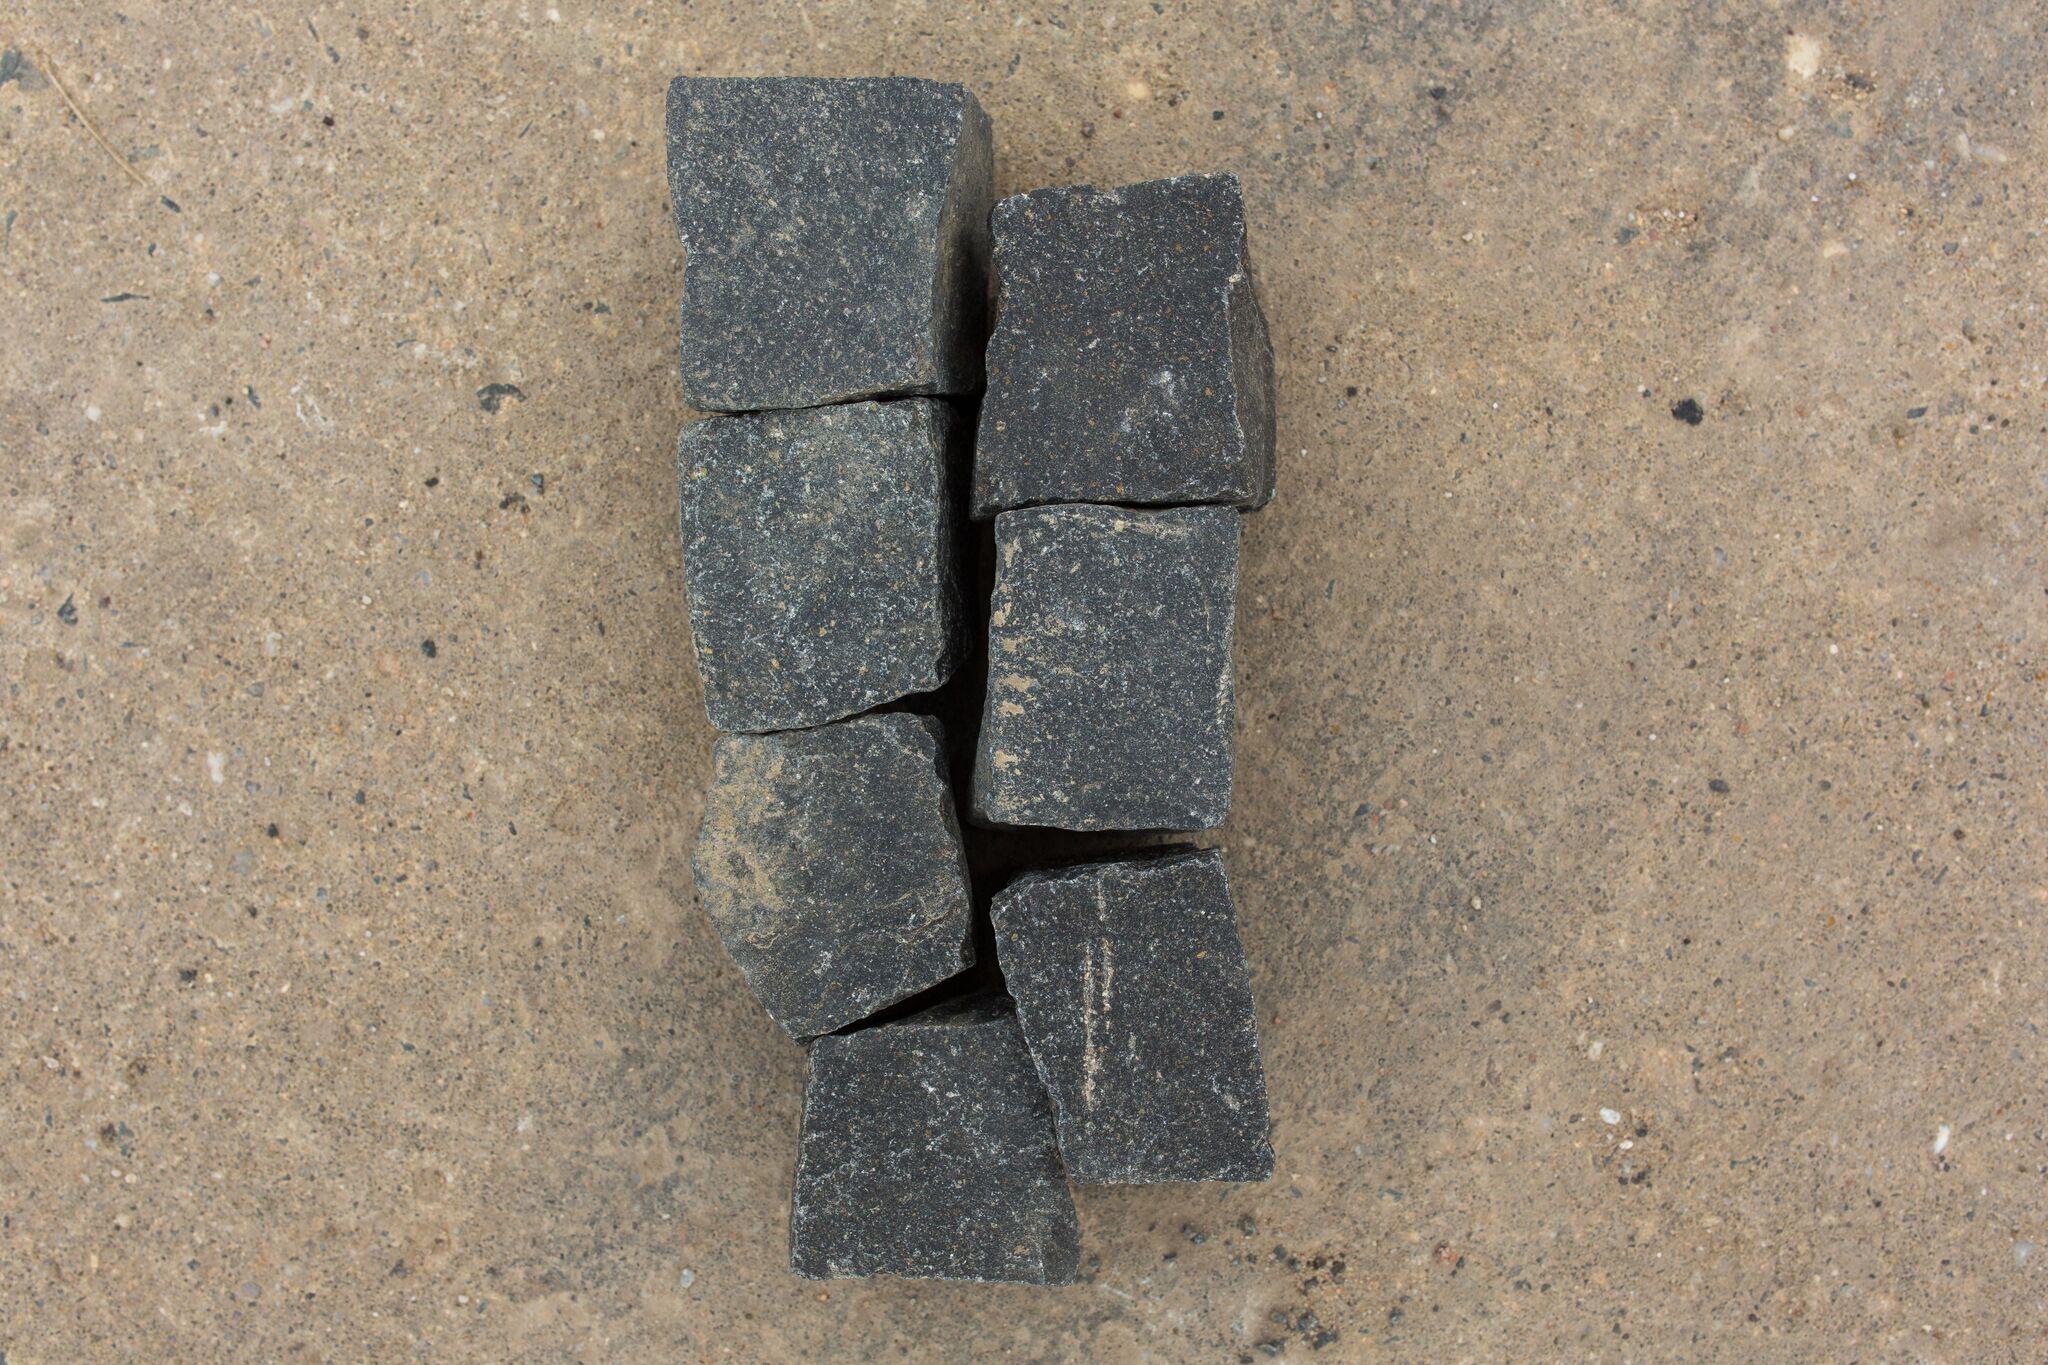 neues basalt mosaikpflaster 4 6 cm reihenf hig. Black Bedroom Furniture Sets. Home Design Ideas